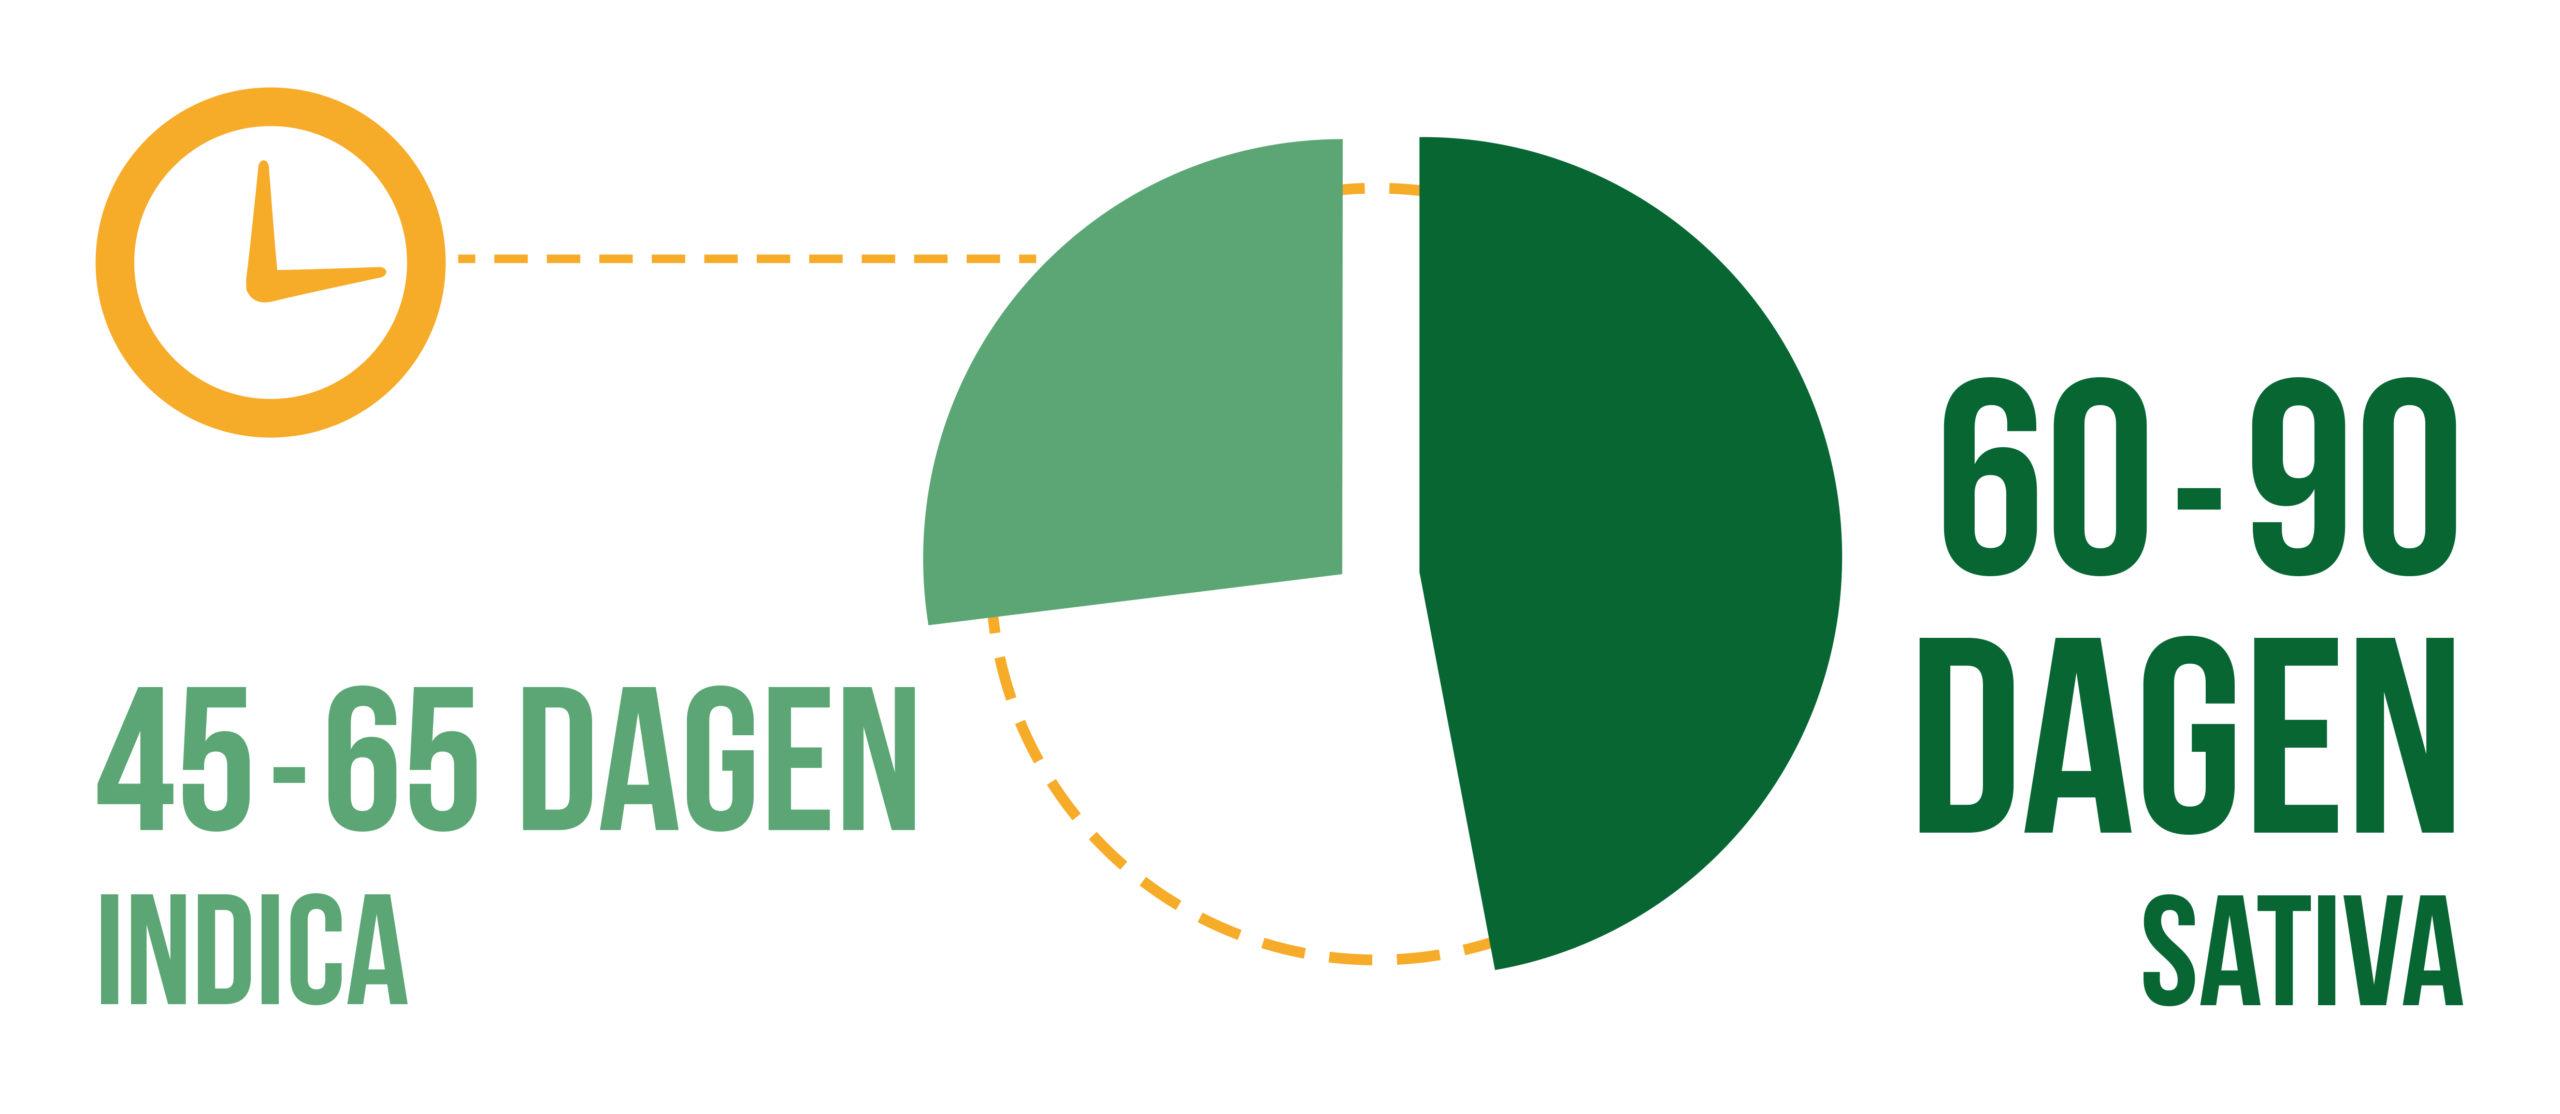 Een cirkeldiagram van droogperiode voor sativa en indica-knoppen